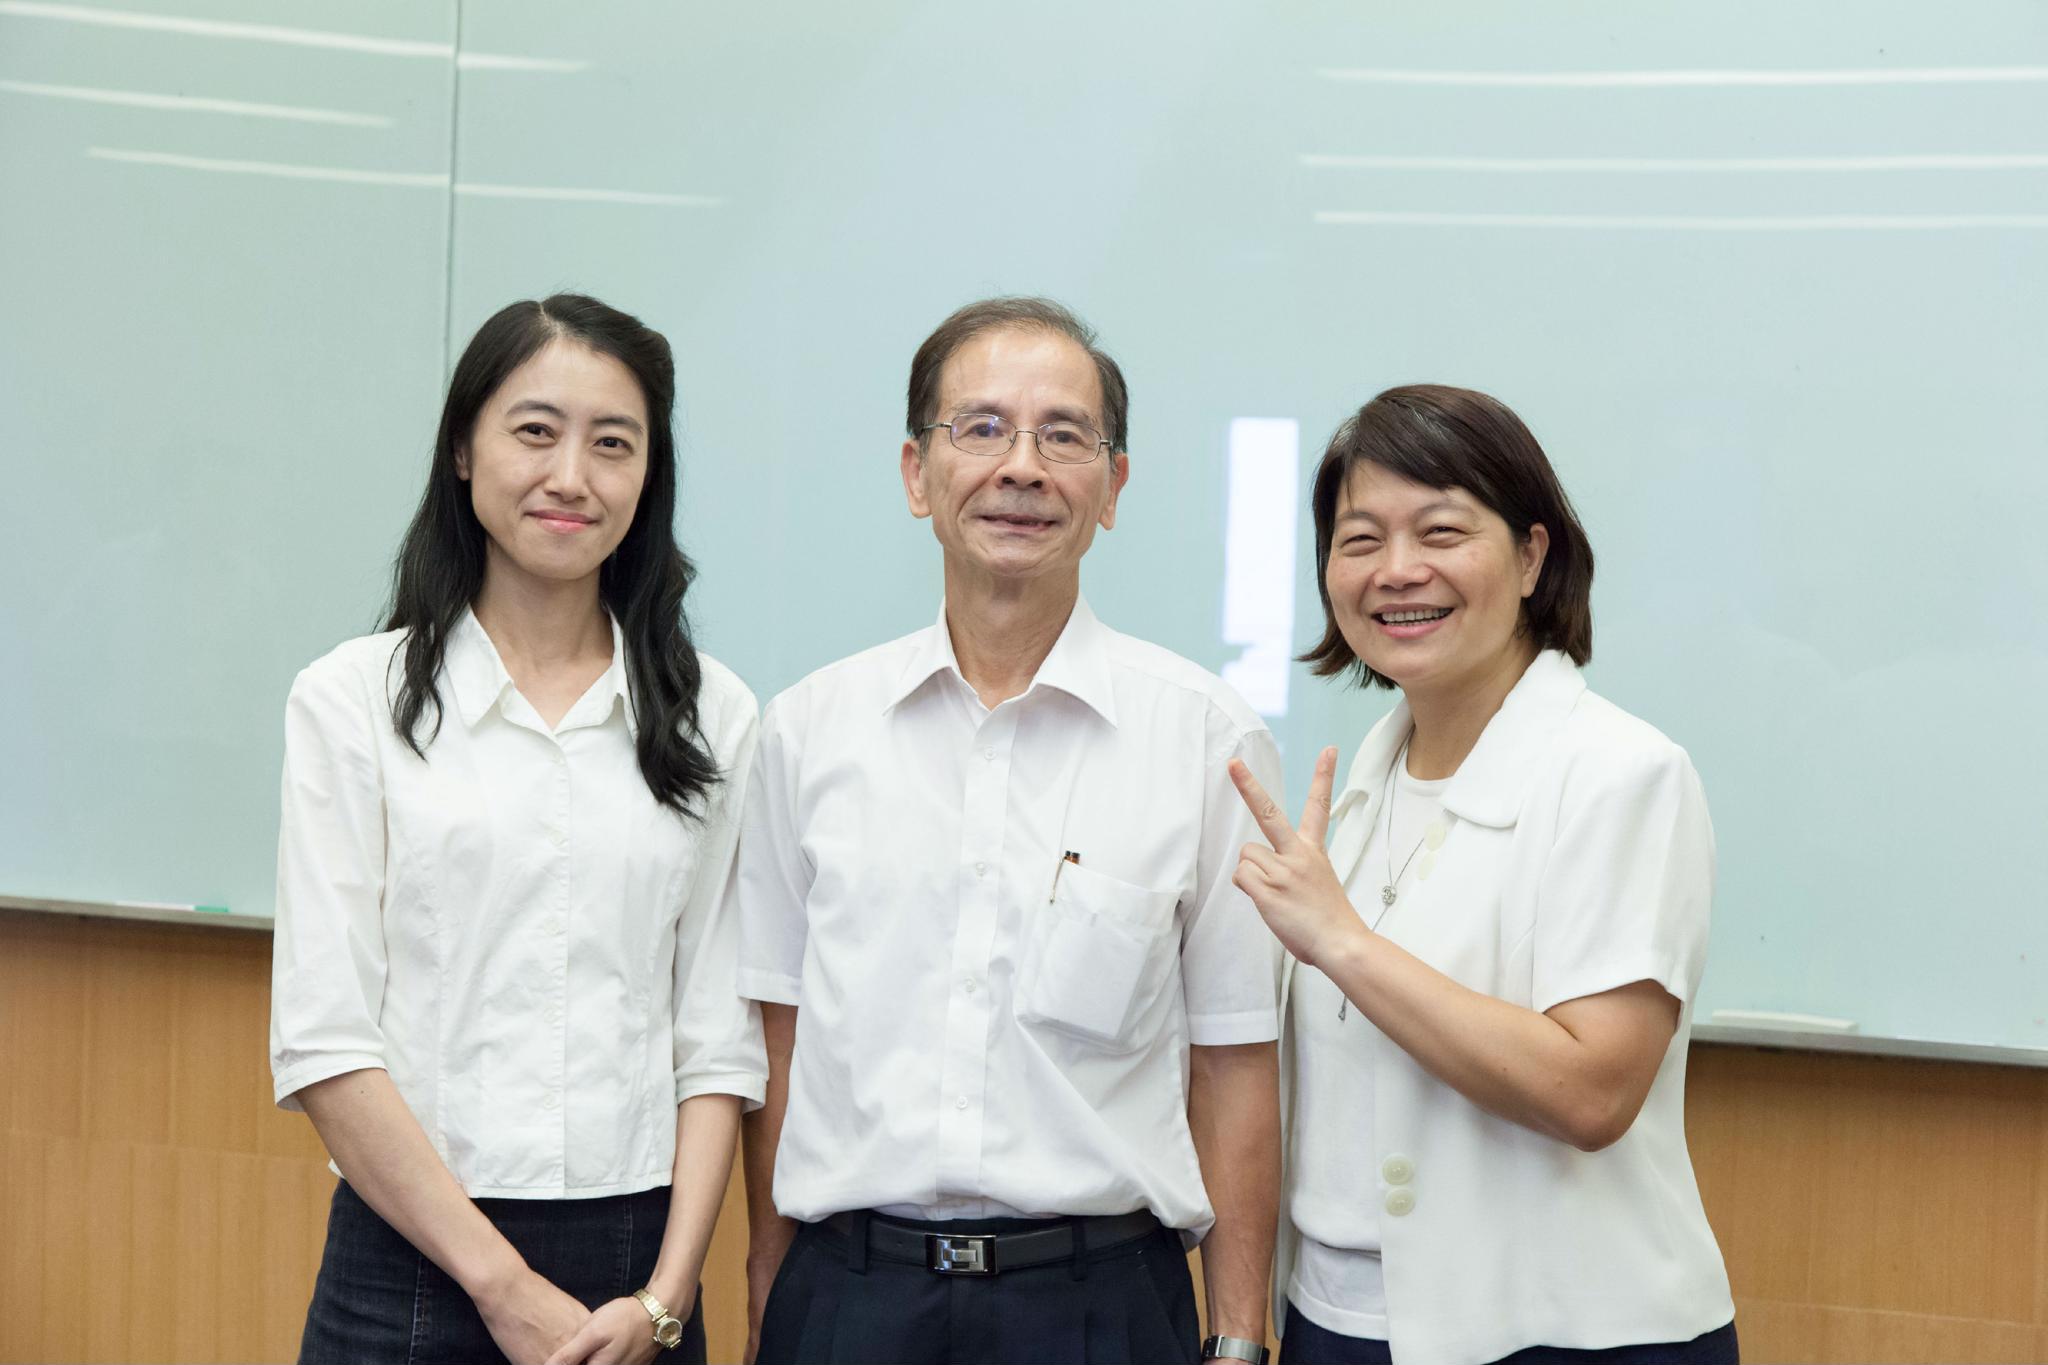 人育學院院長時期重要的助手─美蘭秘書與瓊惠助理.jpg